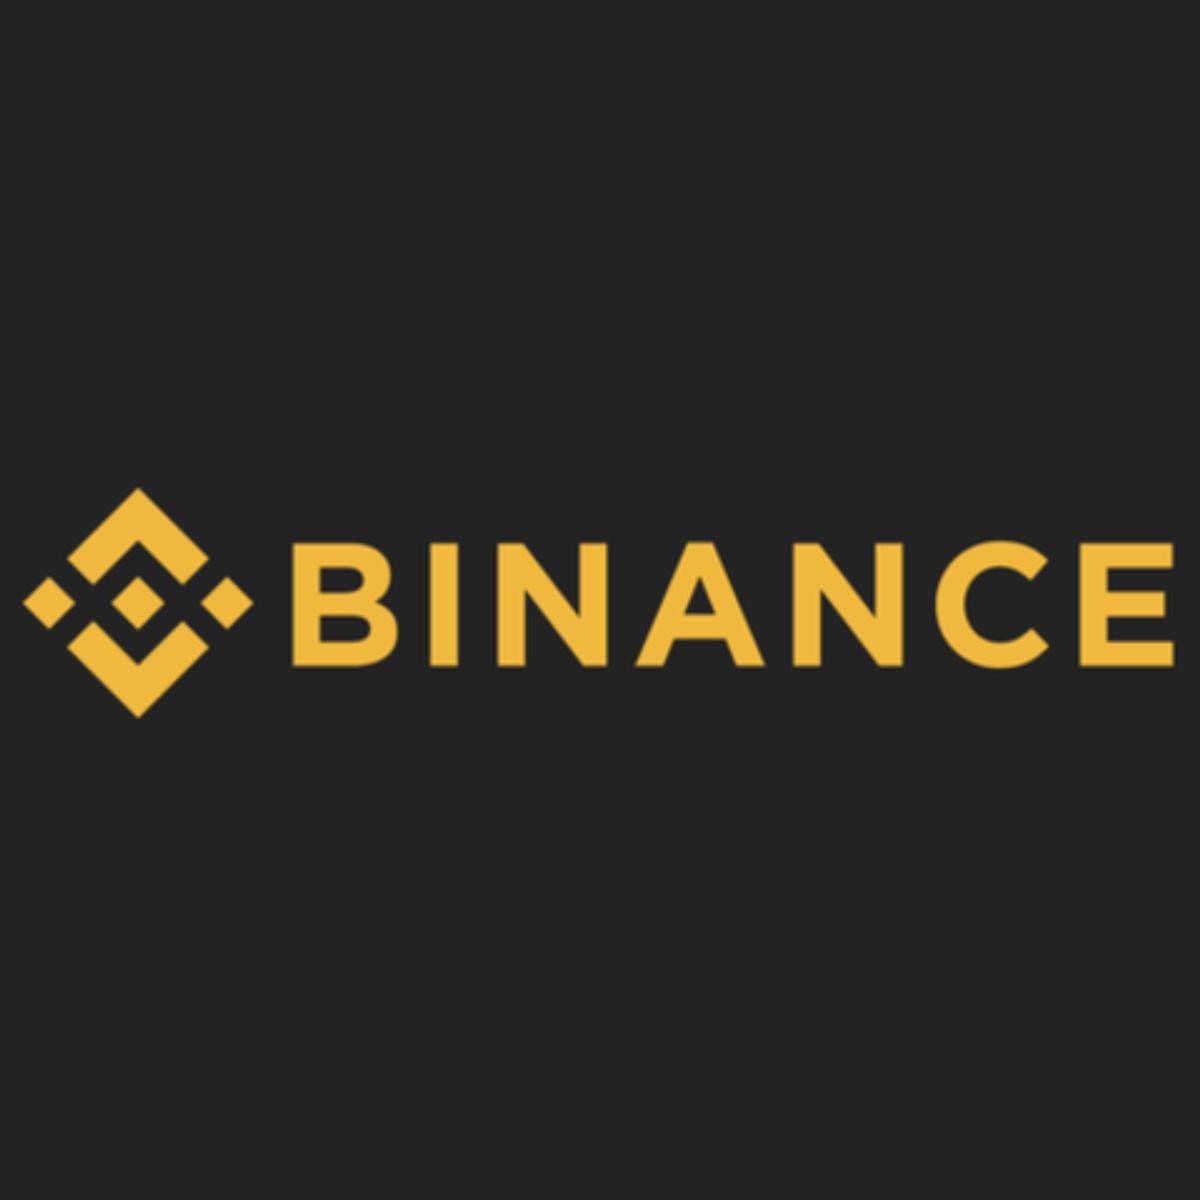 バイナンス(Binance)